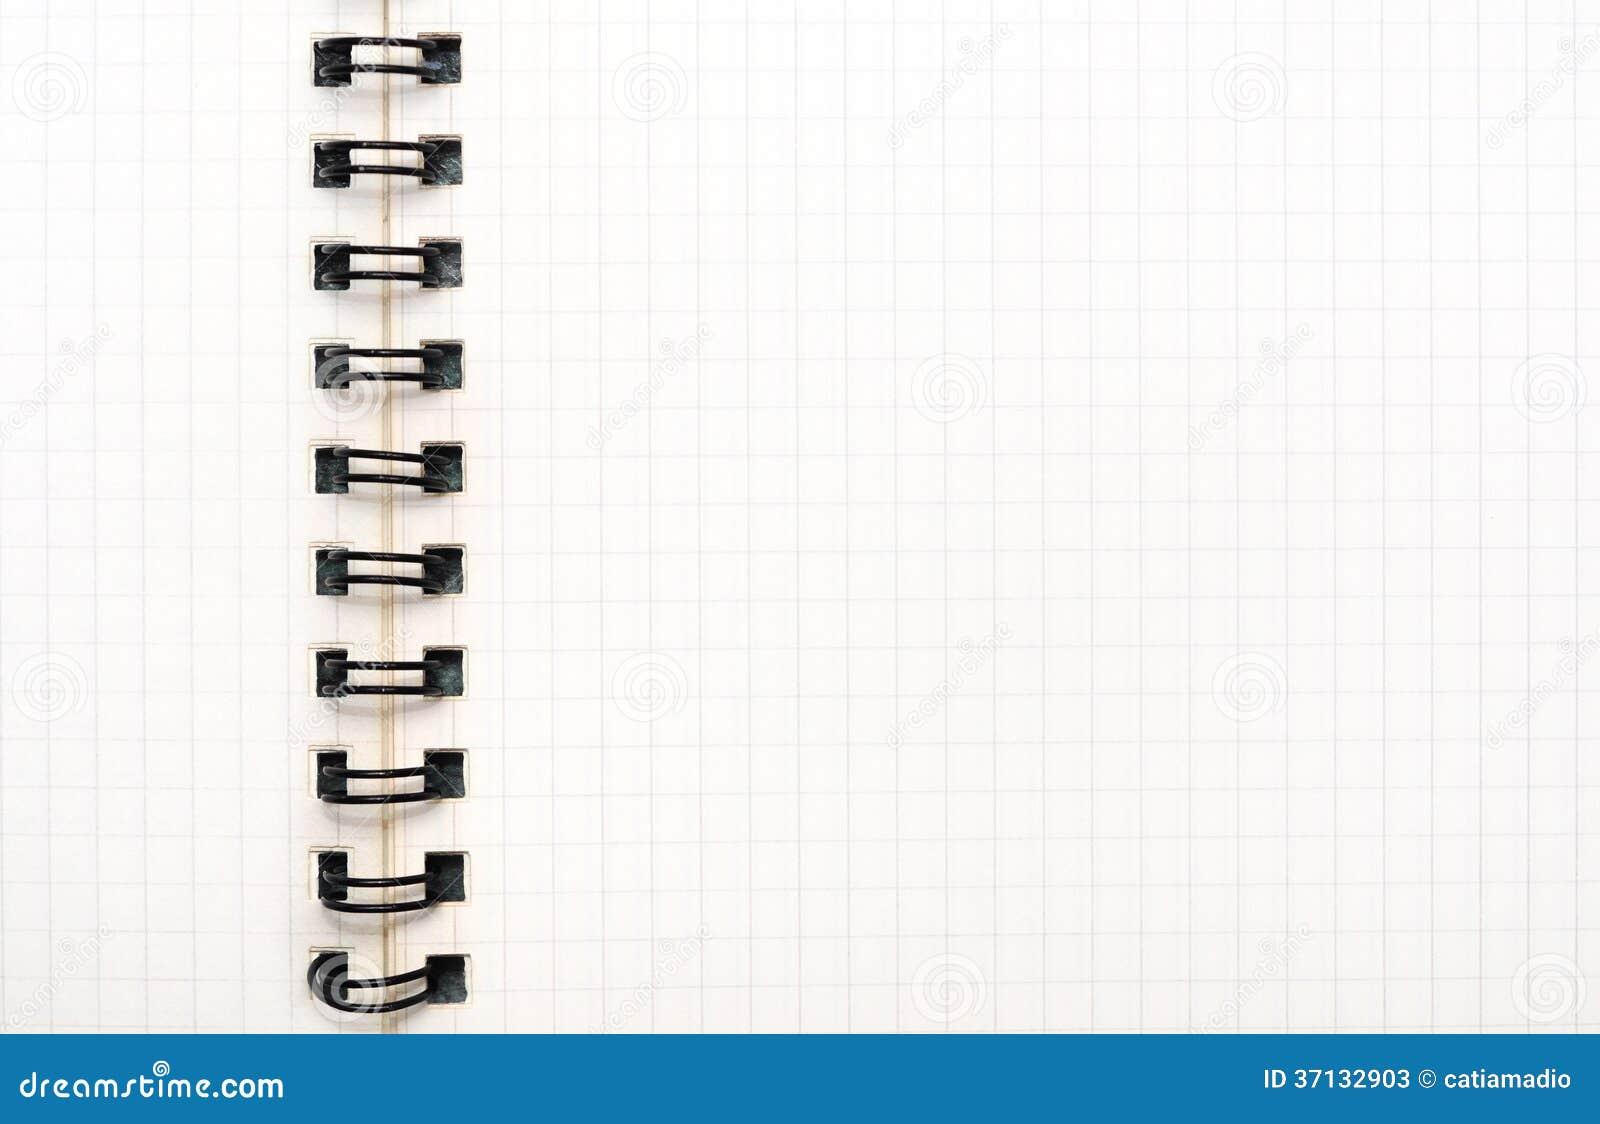 Libreta De Hojas Blancas De Dibujo Jpg By Gianferdinand: Folha Esquadrada Do Caderno Fotos De Stock